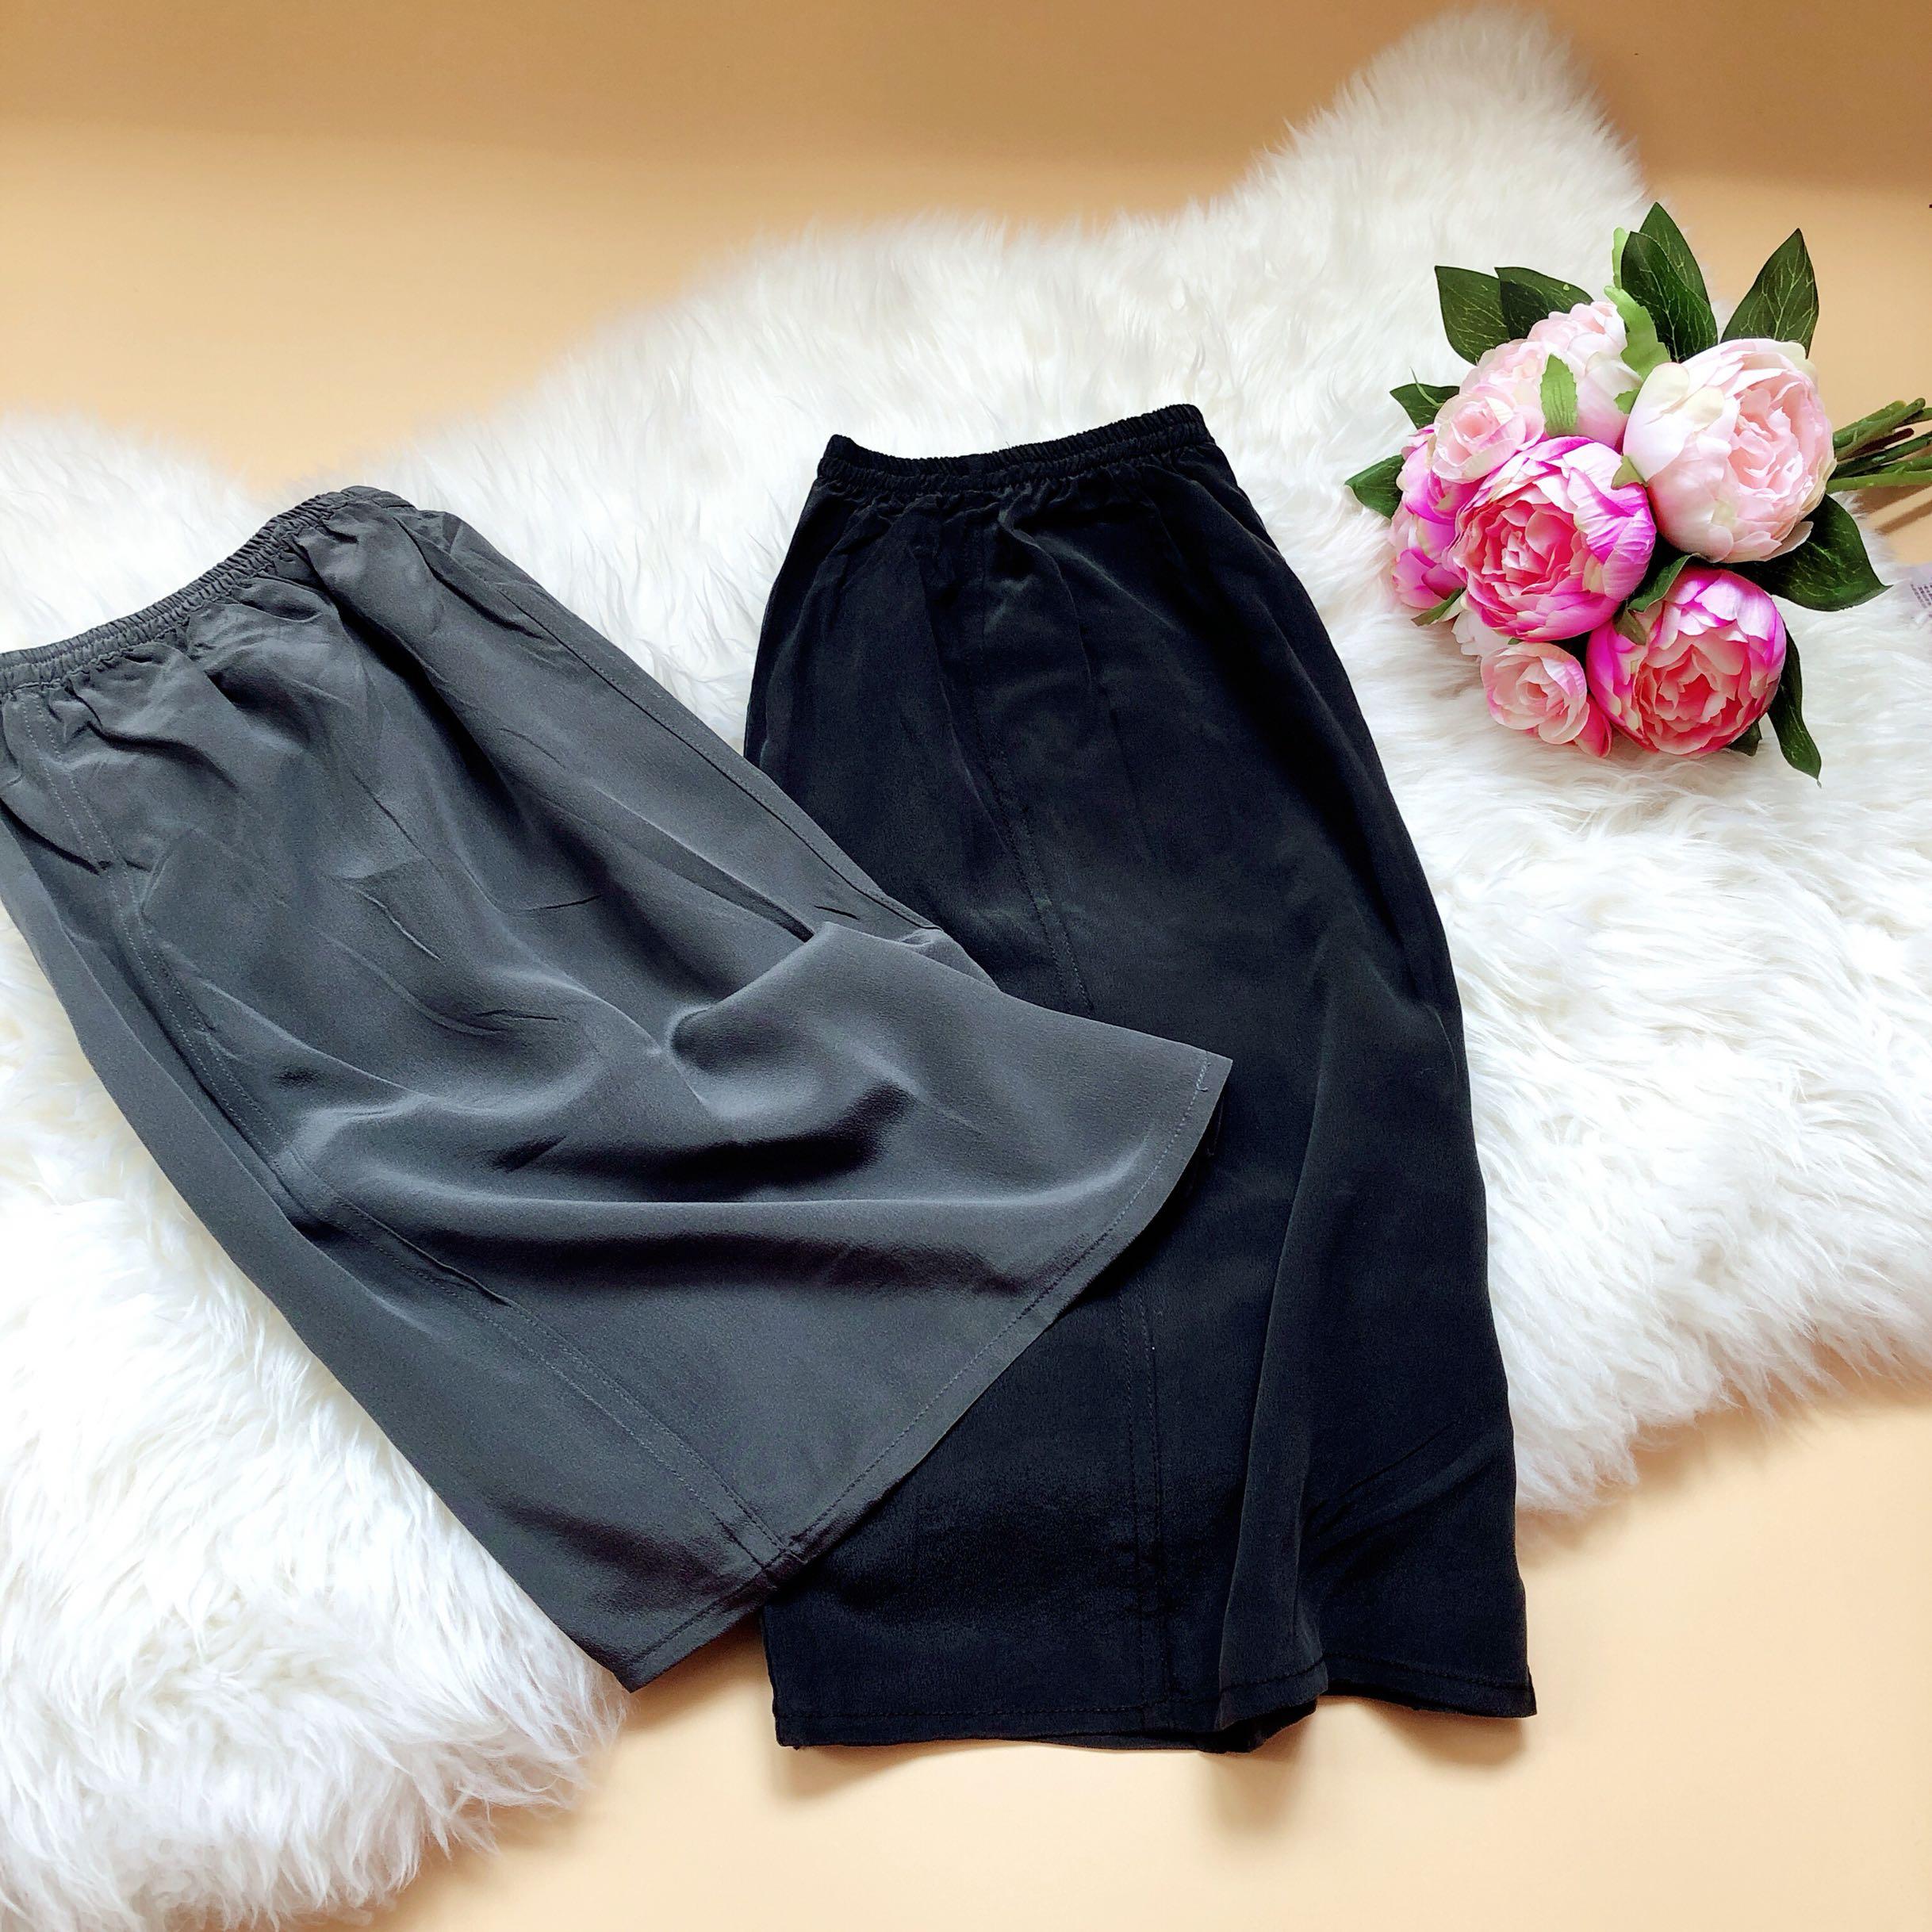 纯真丝沙滩裤 新到深灰色与黑色 加大版本 宽松舒适